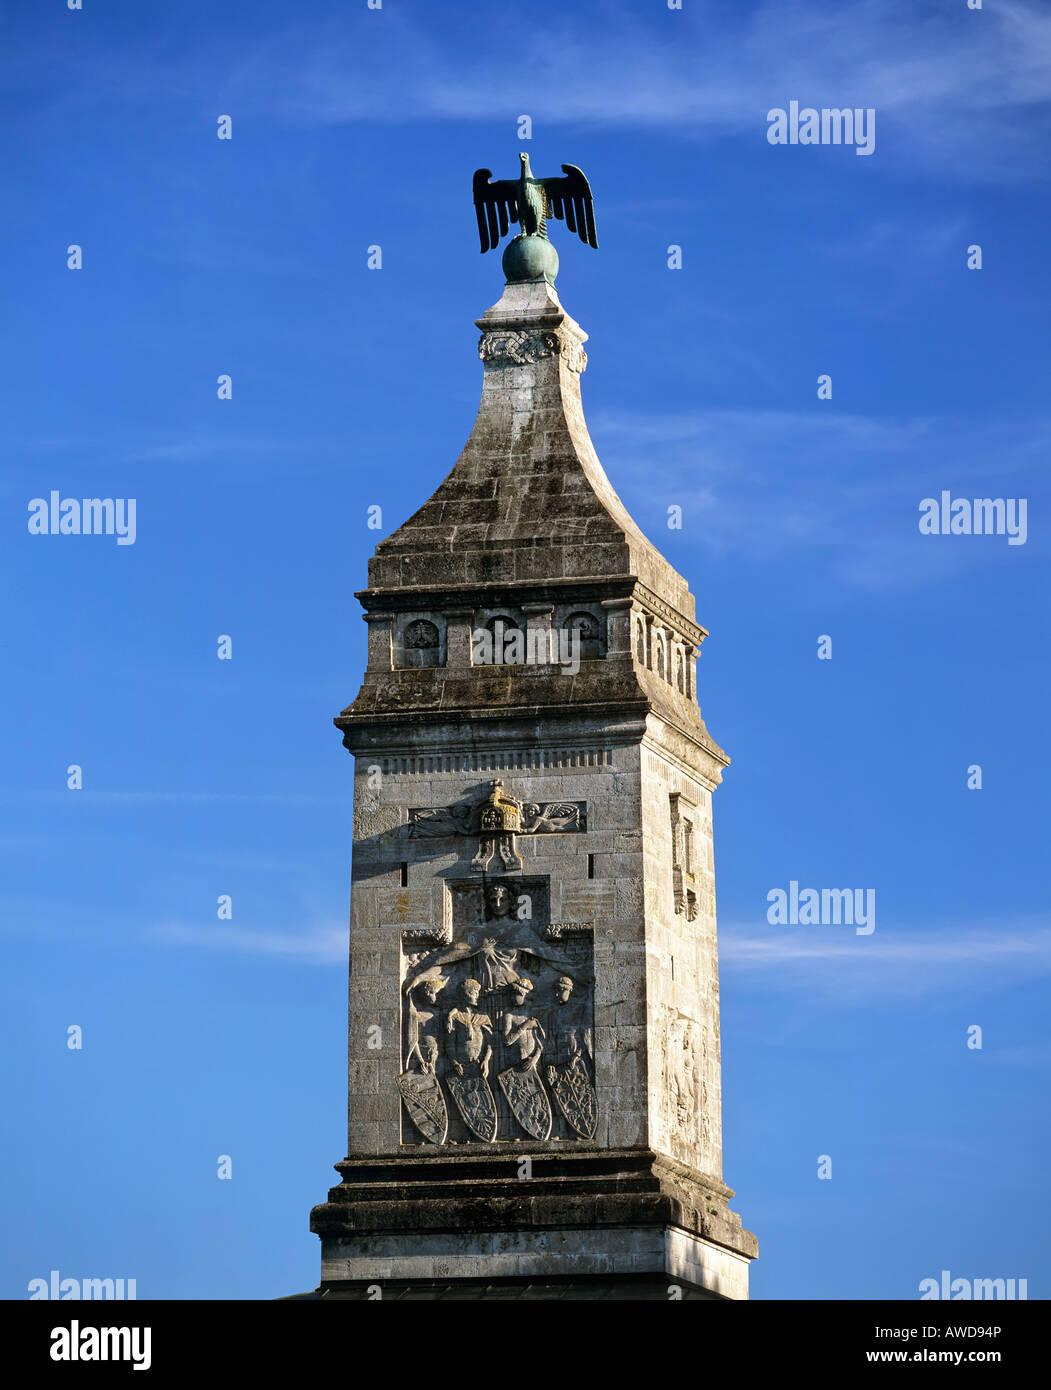 Bismarck-Denkmal in der Nähe von Berg - Assenhausen am Starnberger See, Oberbayern, Deutschland Stockbild